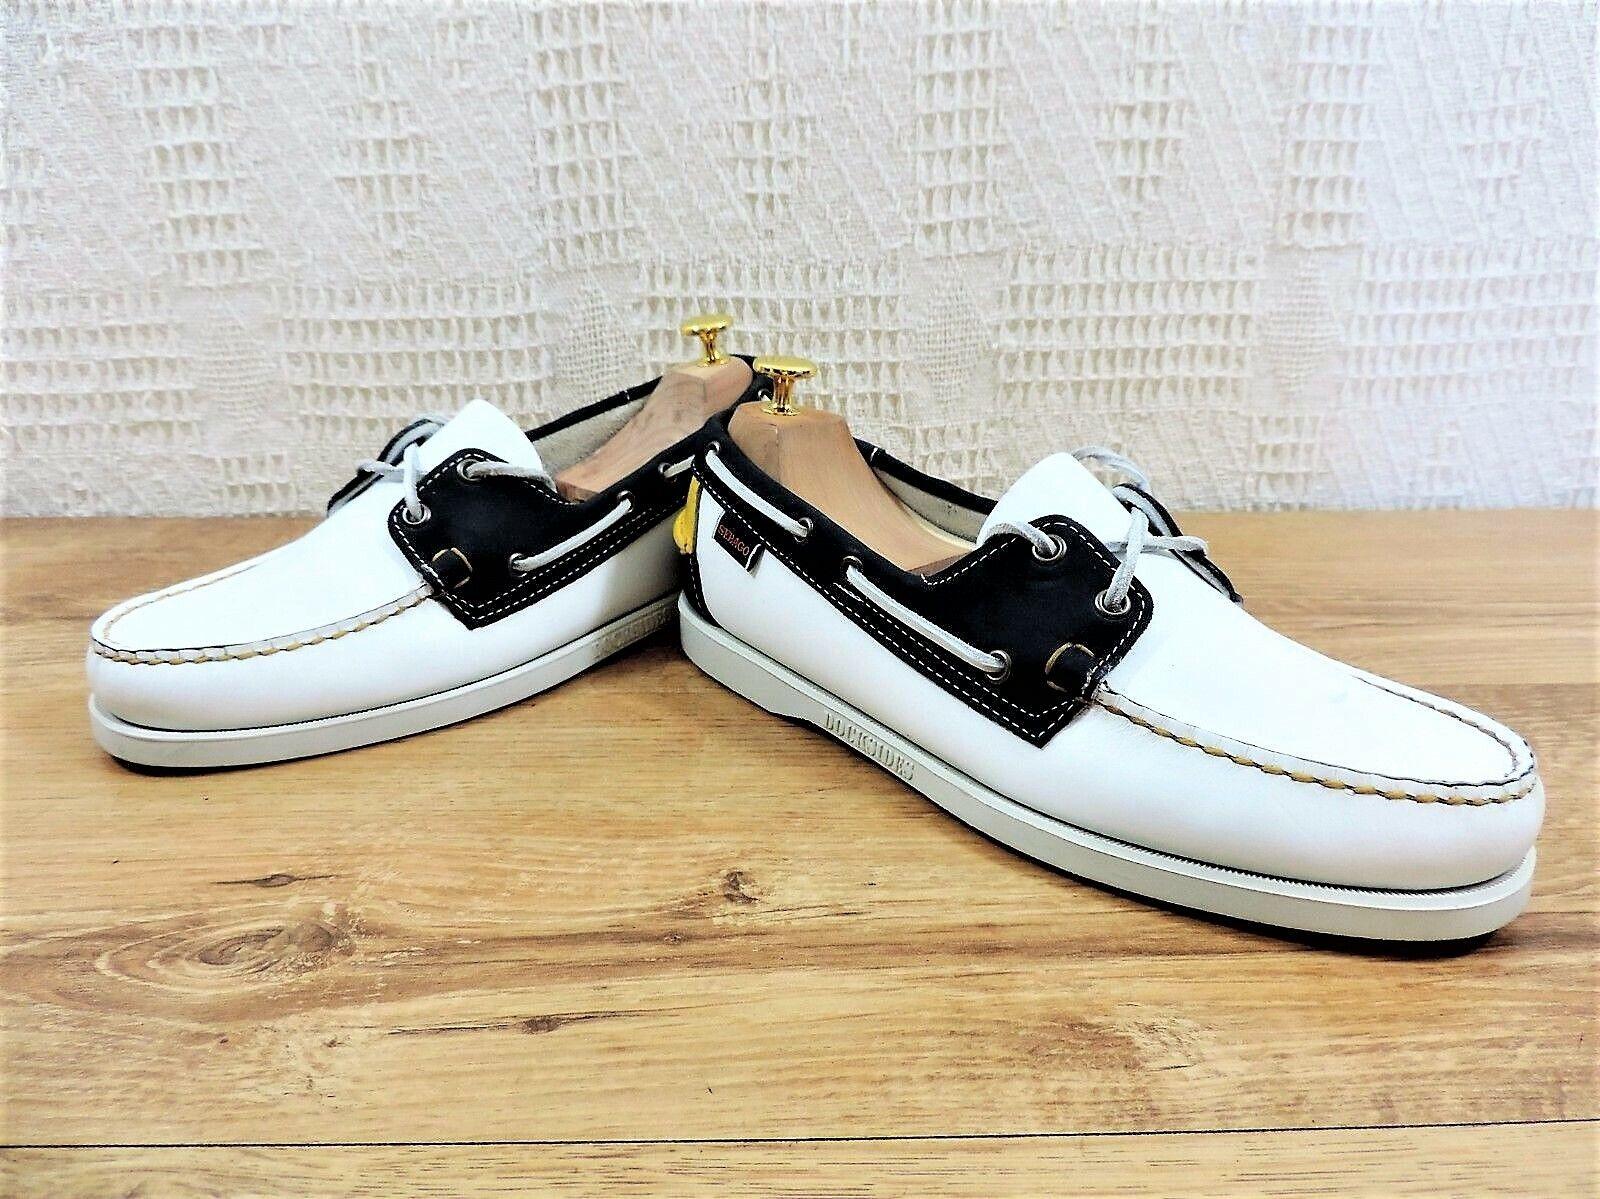 Neu Sebago Deckschuhe Blau Weiß Gelbe Schuhe - UK 8.5 Us 9,5    | Ausgezeichnete Qualität